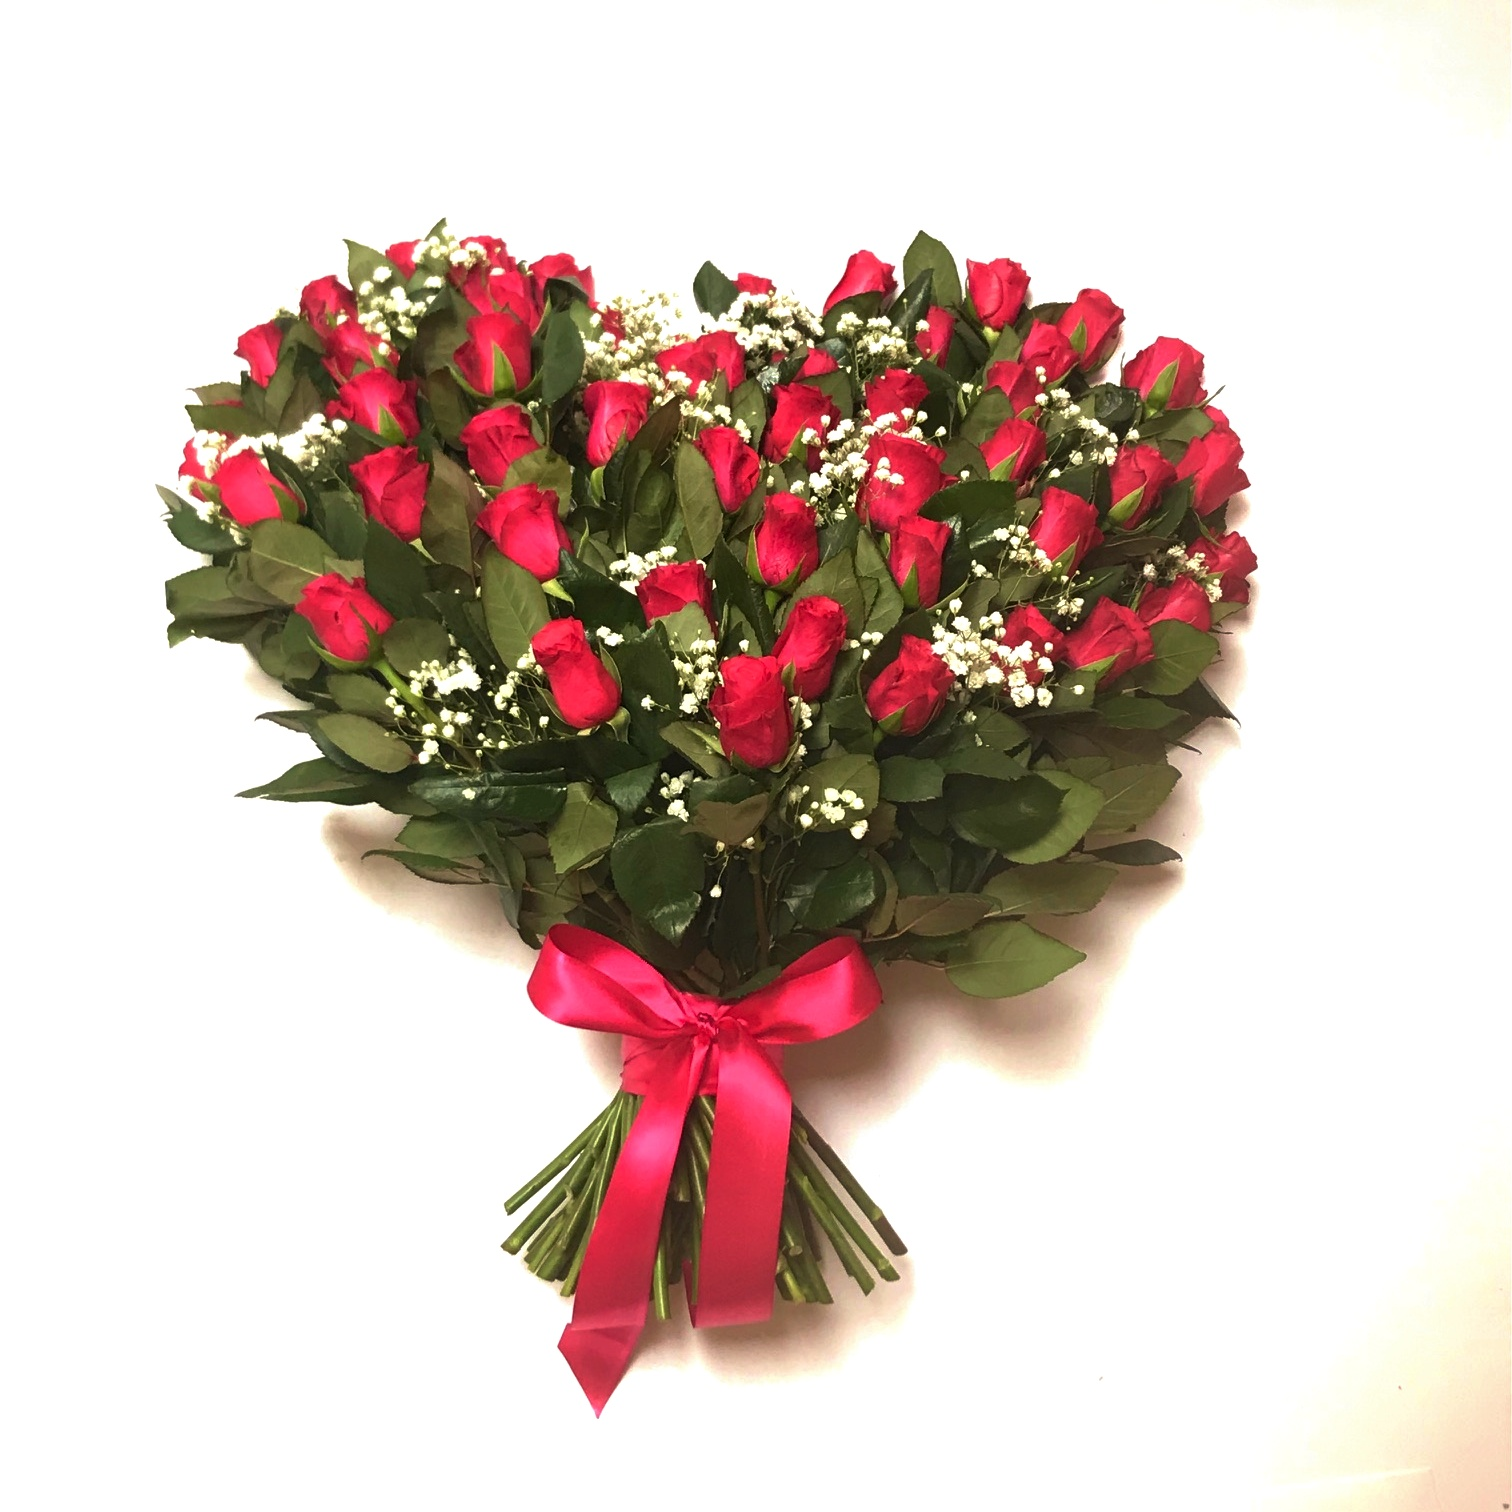 Valentýn se blíží. Nezapomeňte včas objednat květiny!